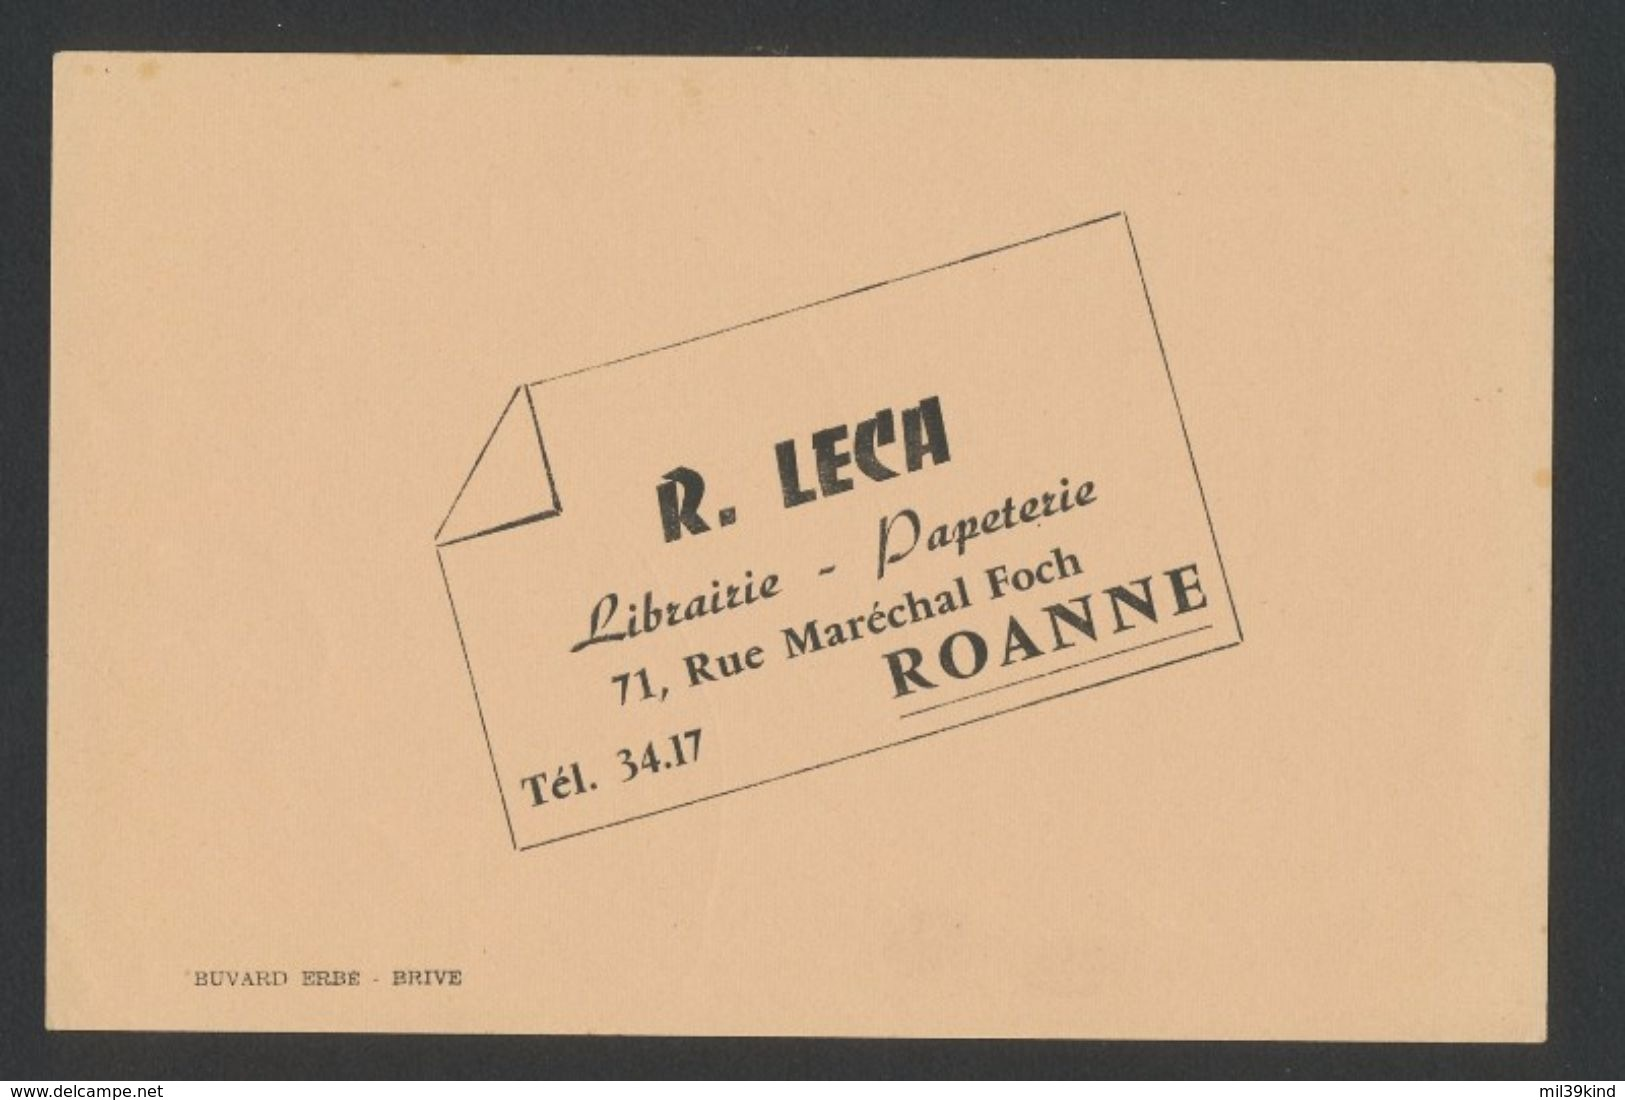 Buvard - LIBRAIRIE R.LECA ROANNE - L